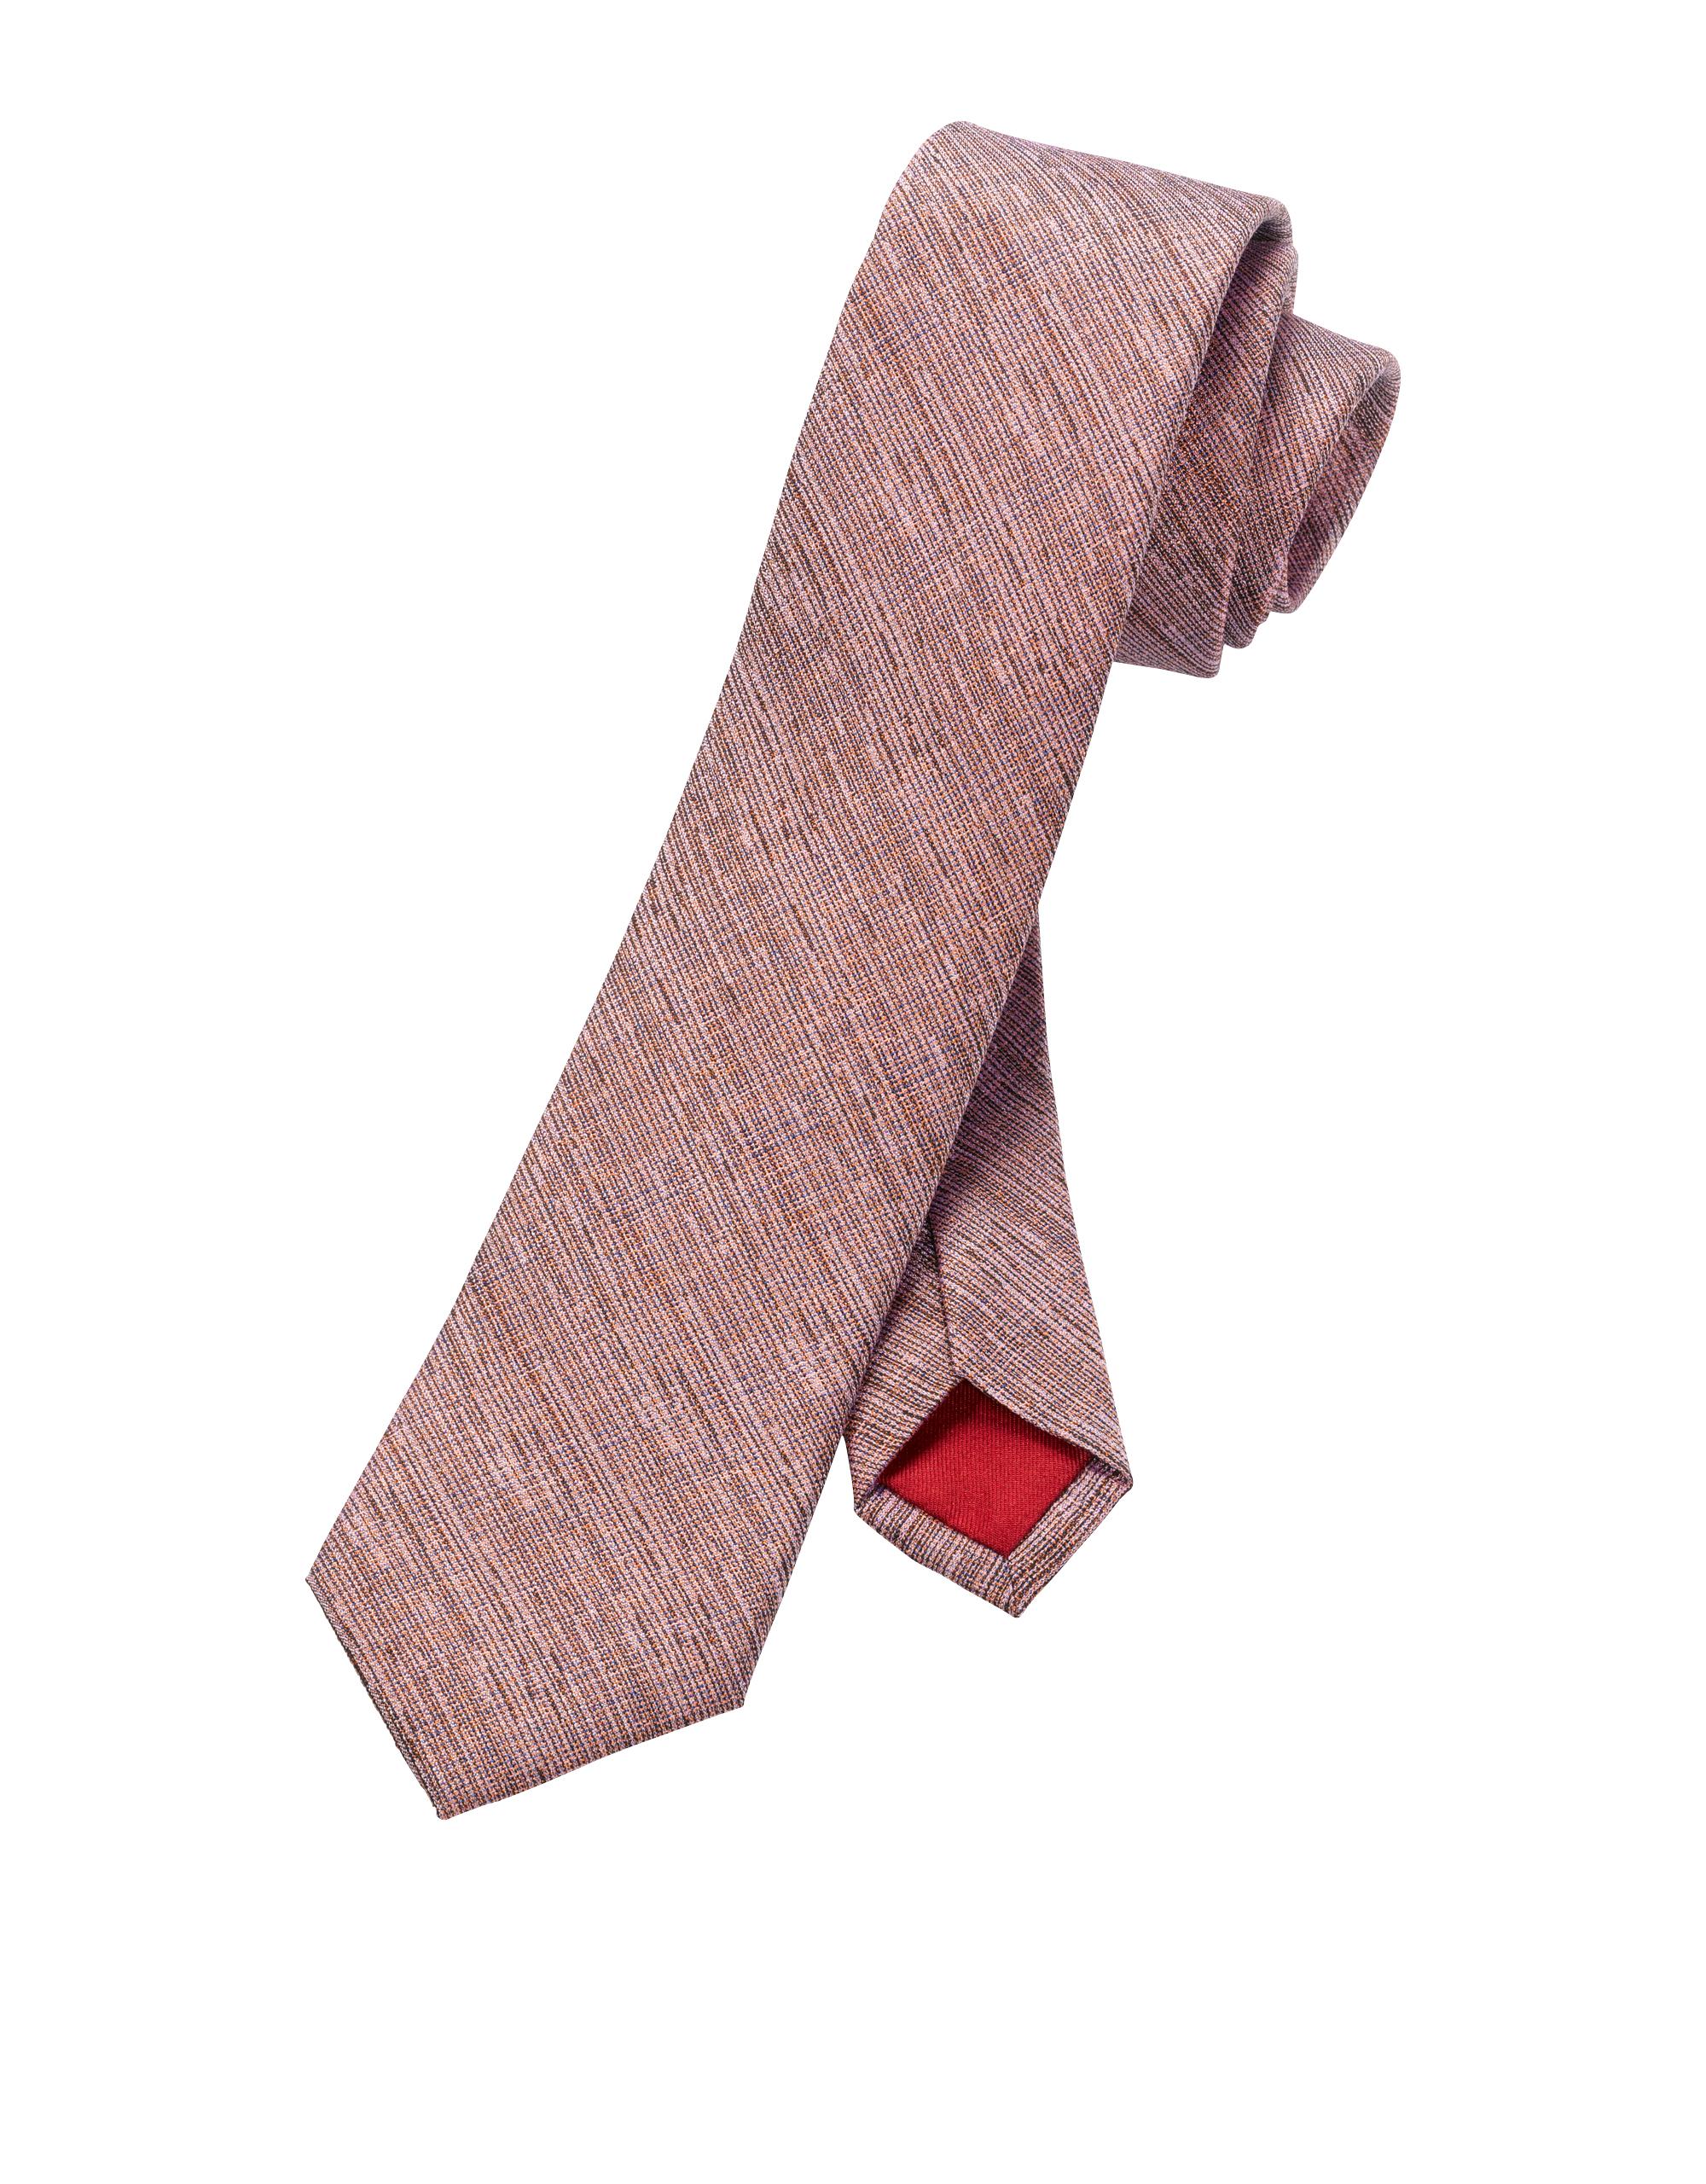 OLYMP Krawatte, Mandarin, | Accessoires > Krawatten > Sonstige Krawatten | Mandarin | 100% seide | OLYMP Krawatte